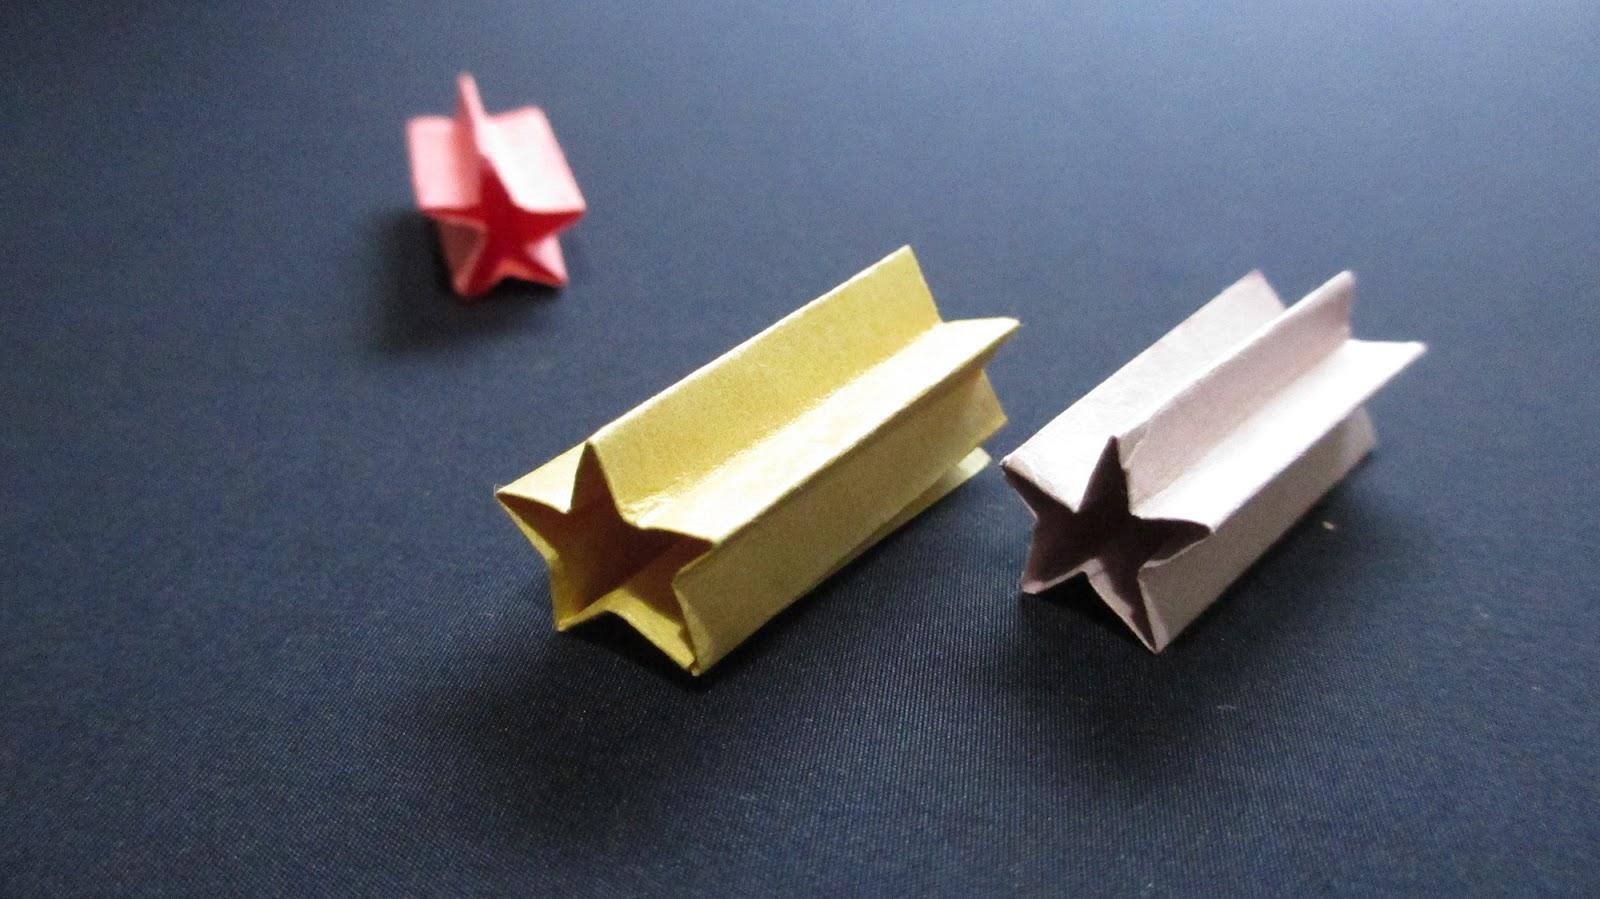 すべての折り紙 折り紙で作る箸置き : の箸置き: 折り紙で作る箸置き ...